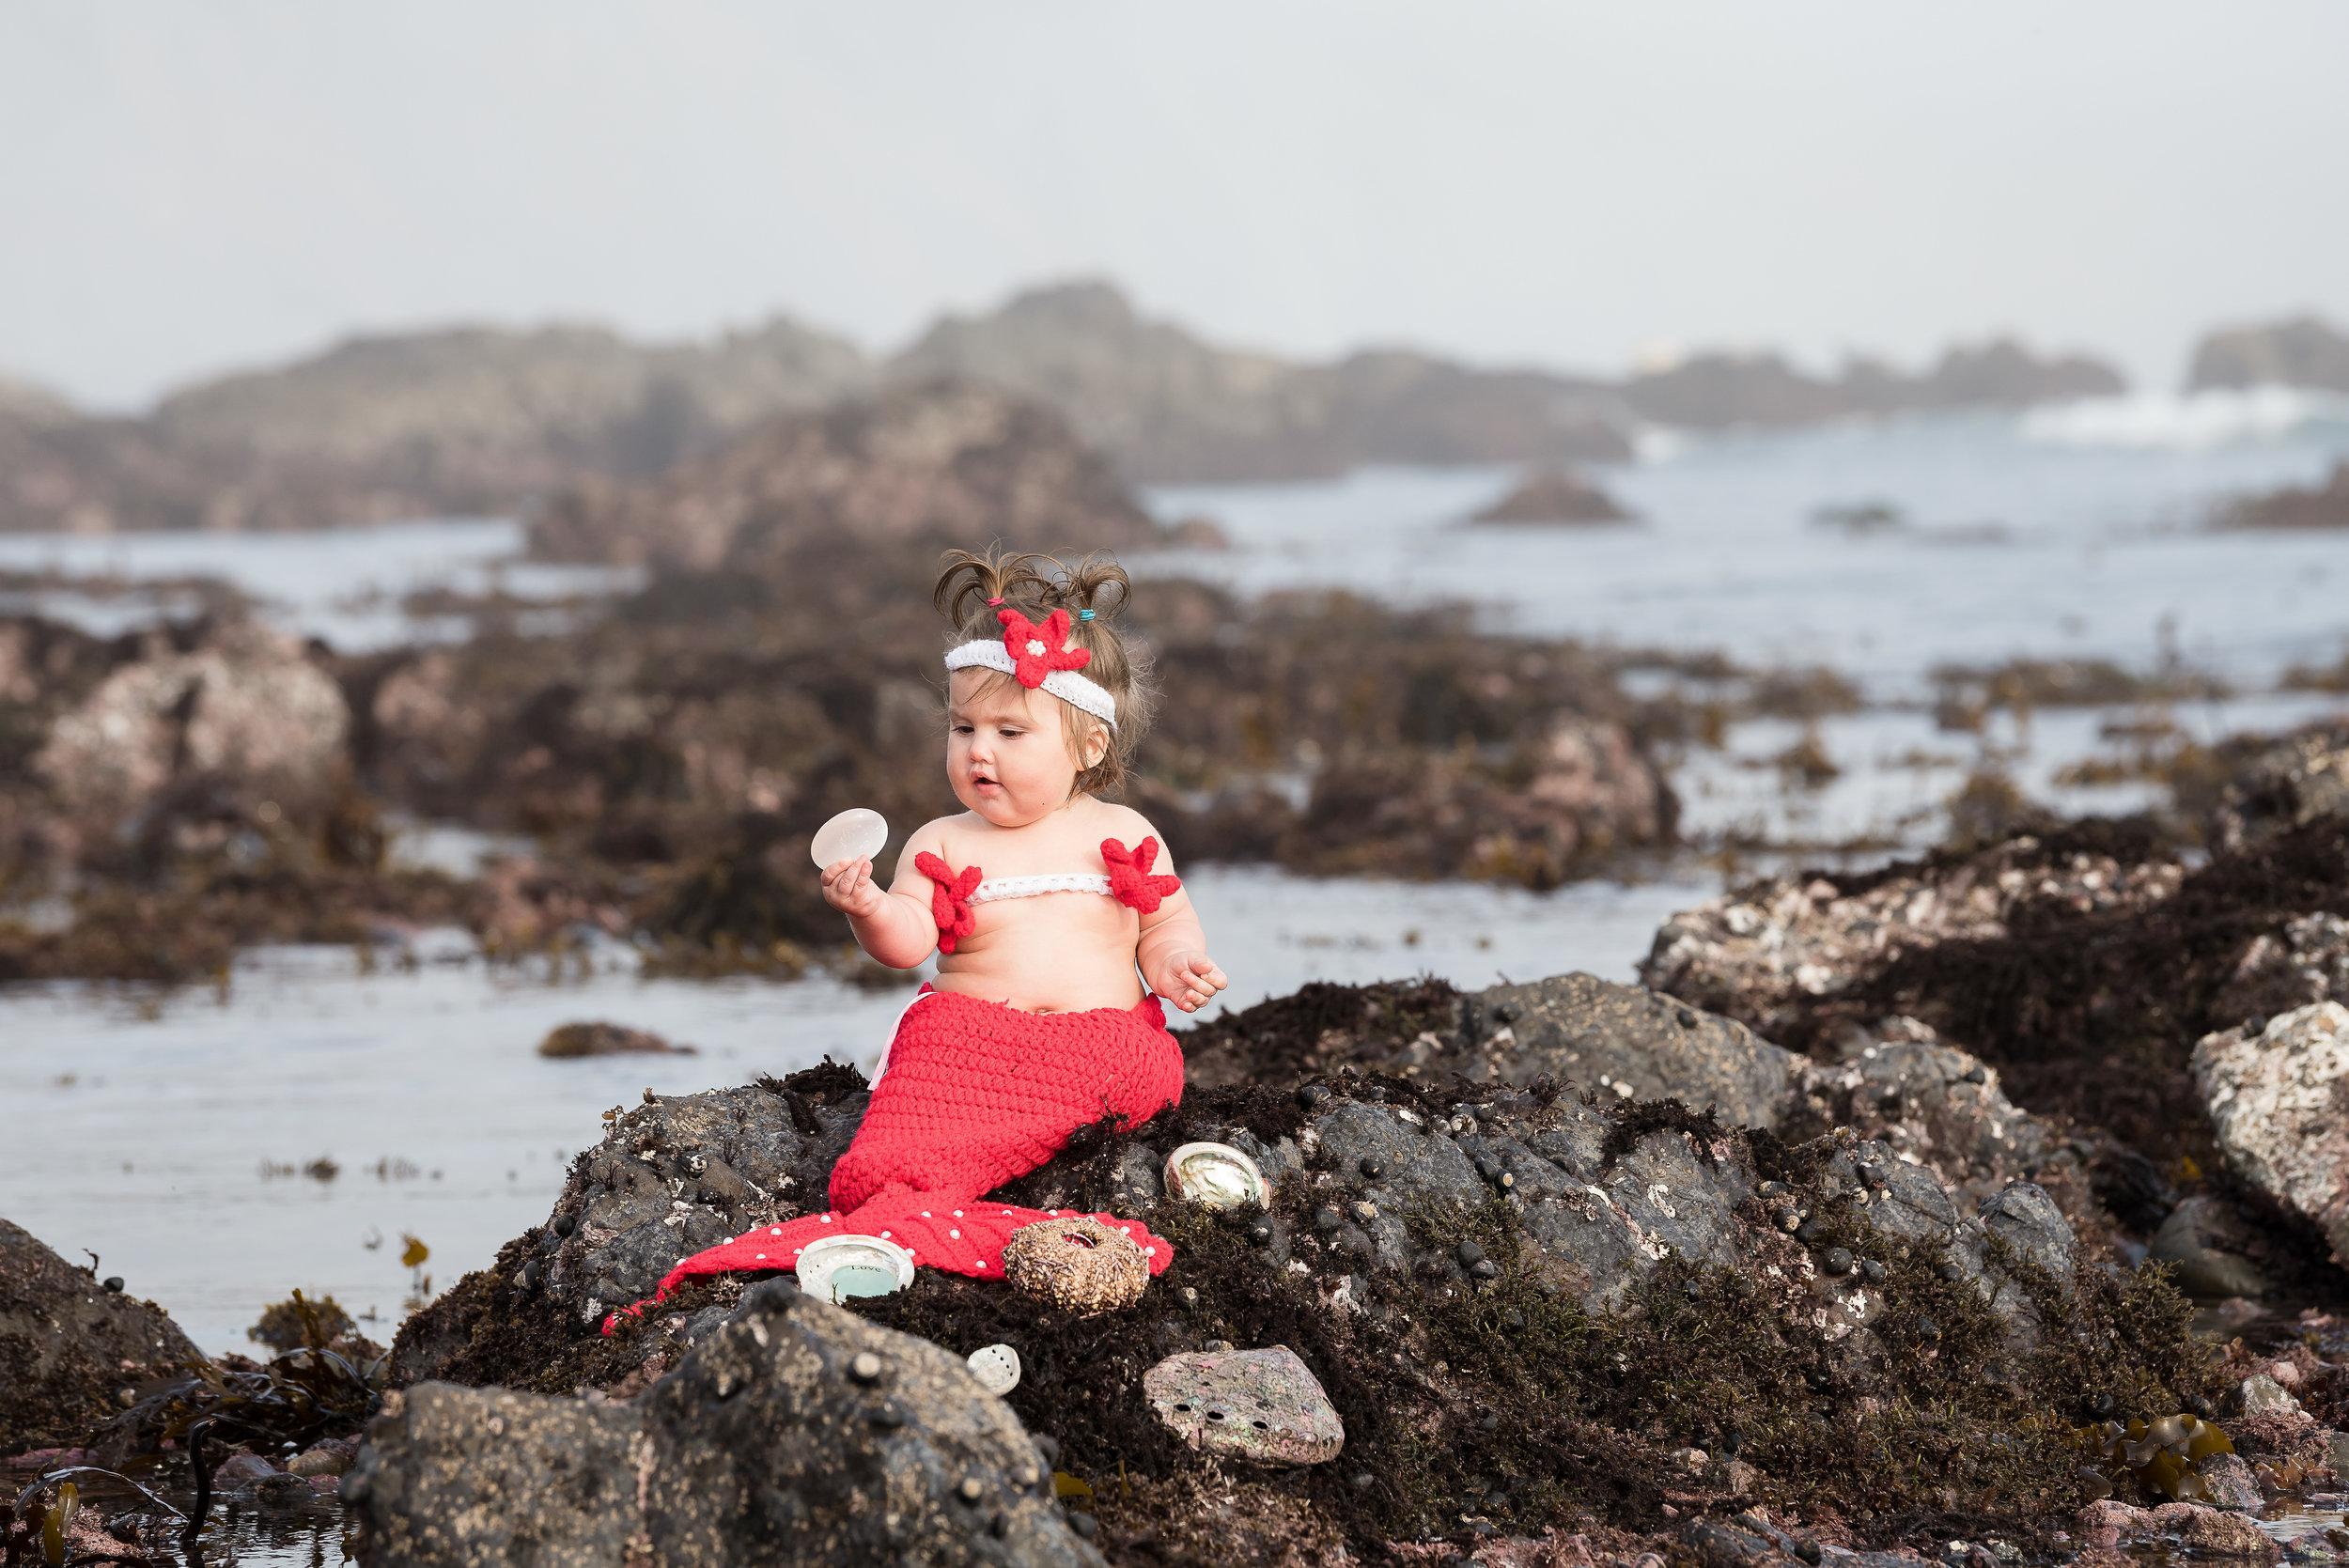 Naiya-Parky'sPics-Shelter Cove-Mermaid-HumboldtCounty.JPG